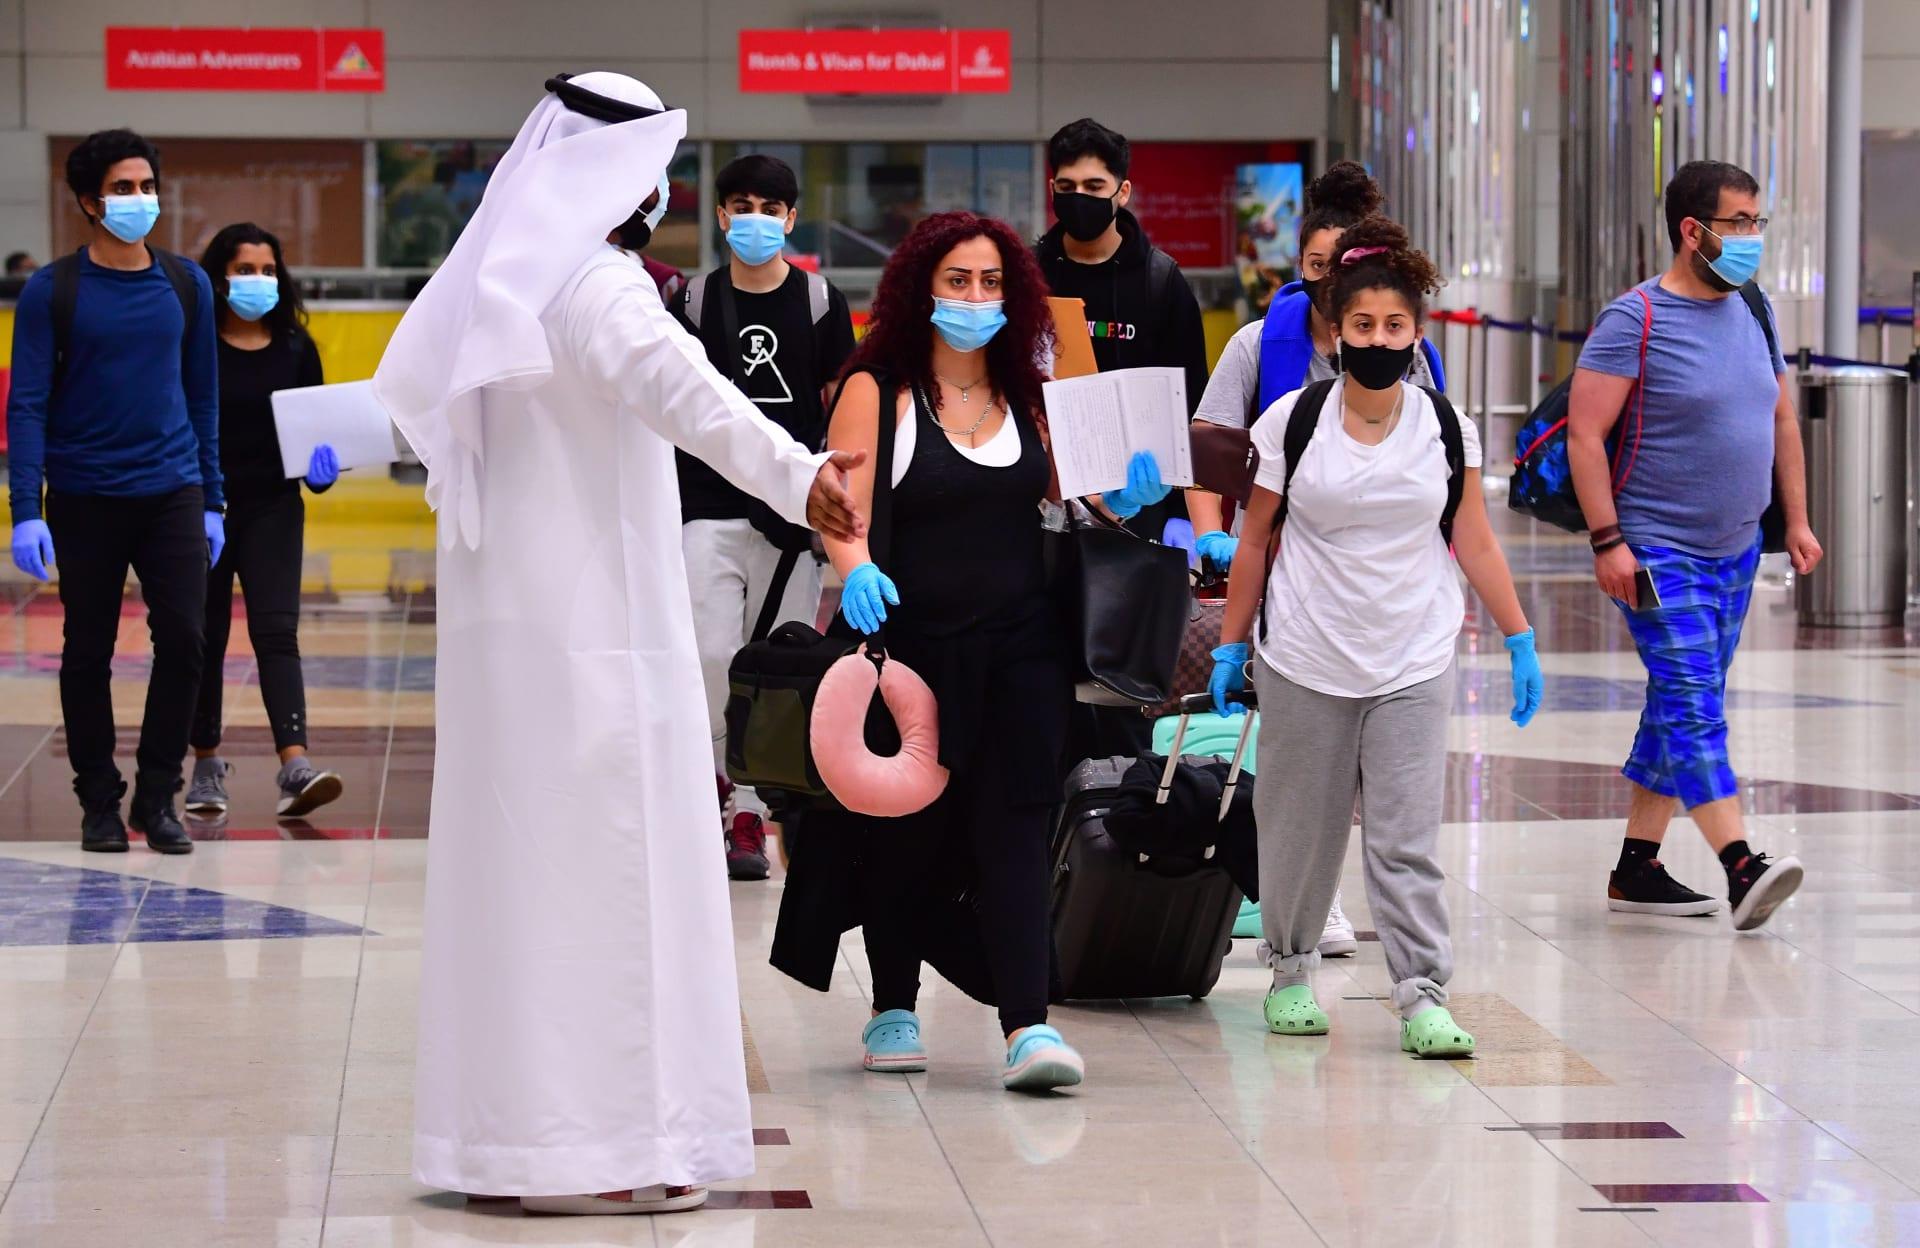 سائحون يصلون مطار دبي في الإمارات العربية المتحدة في 8 يوليو 2020